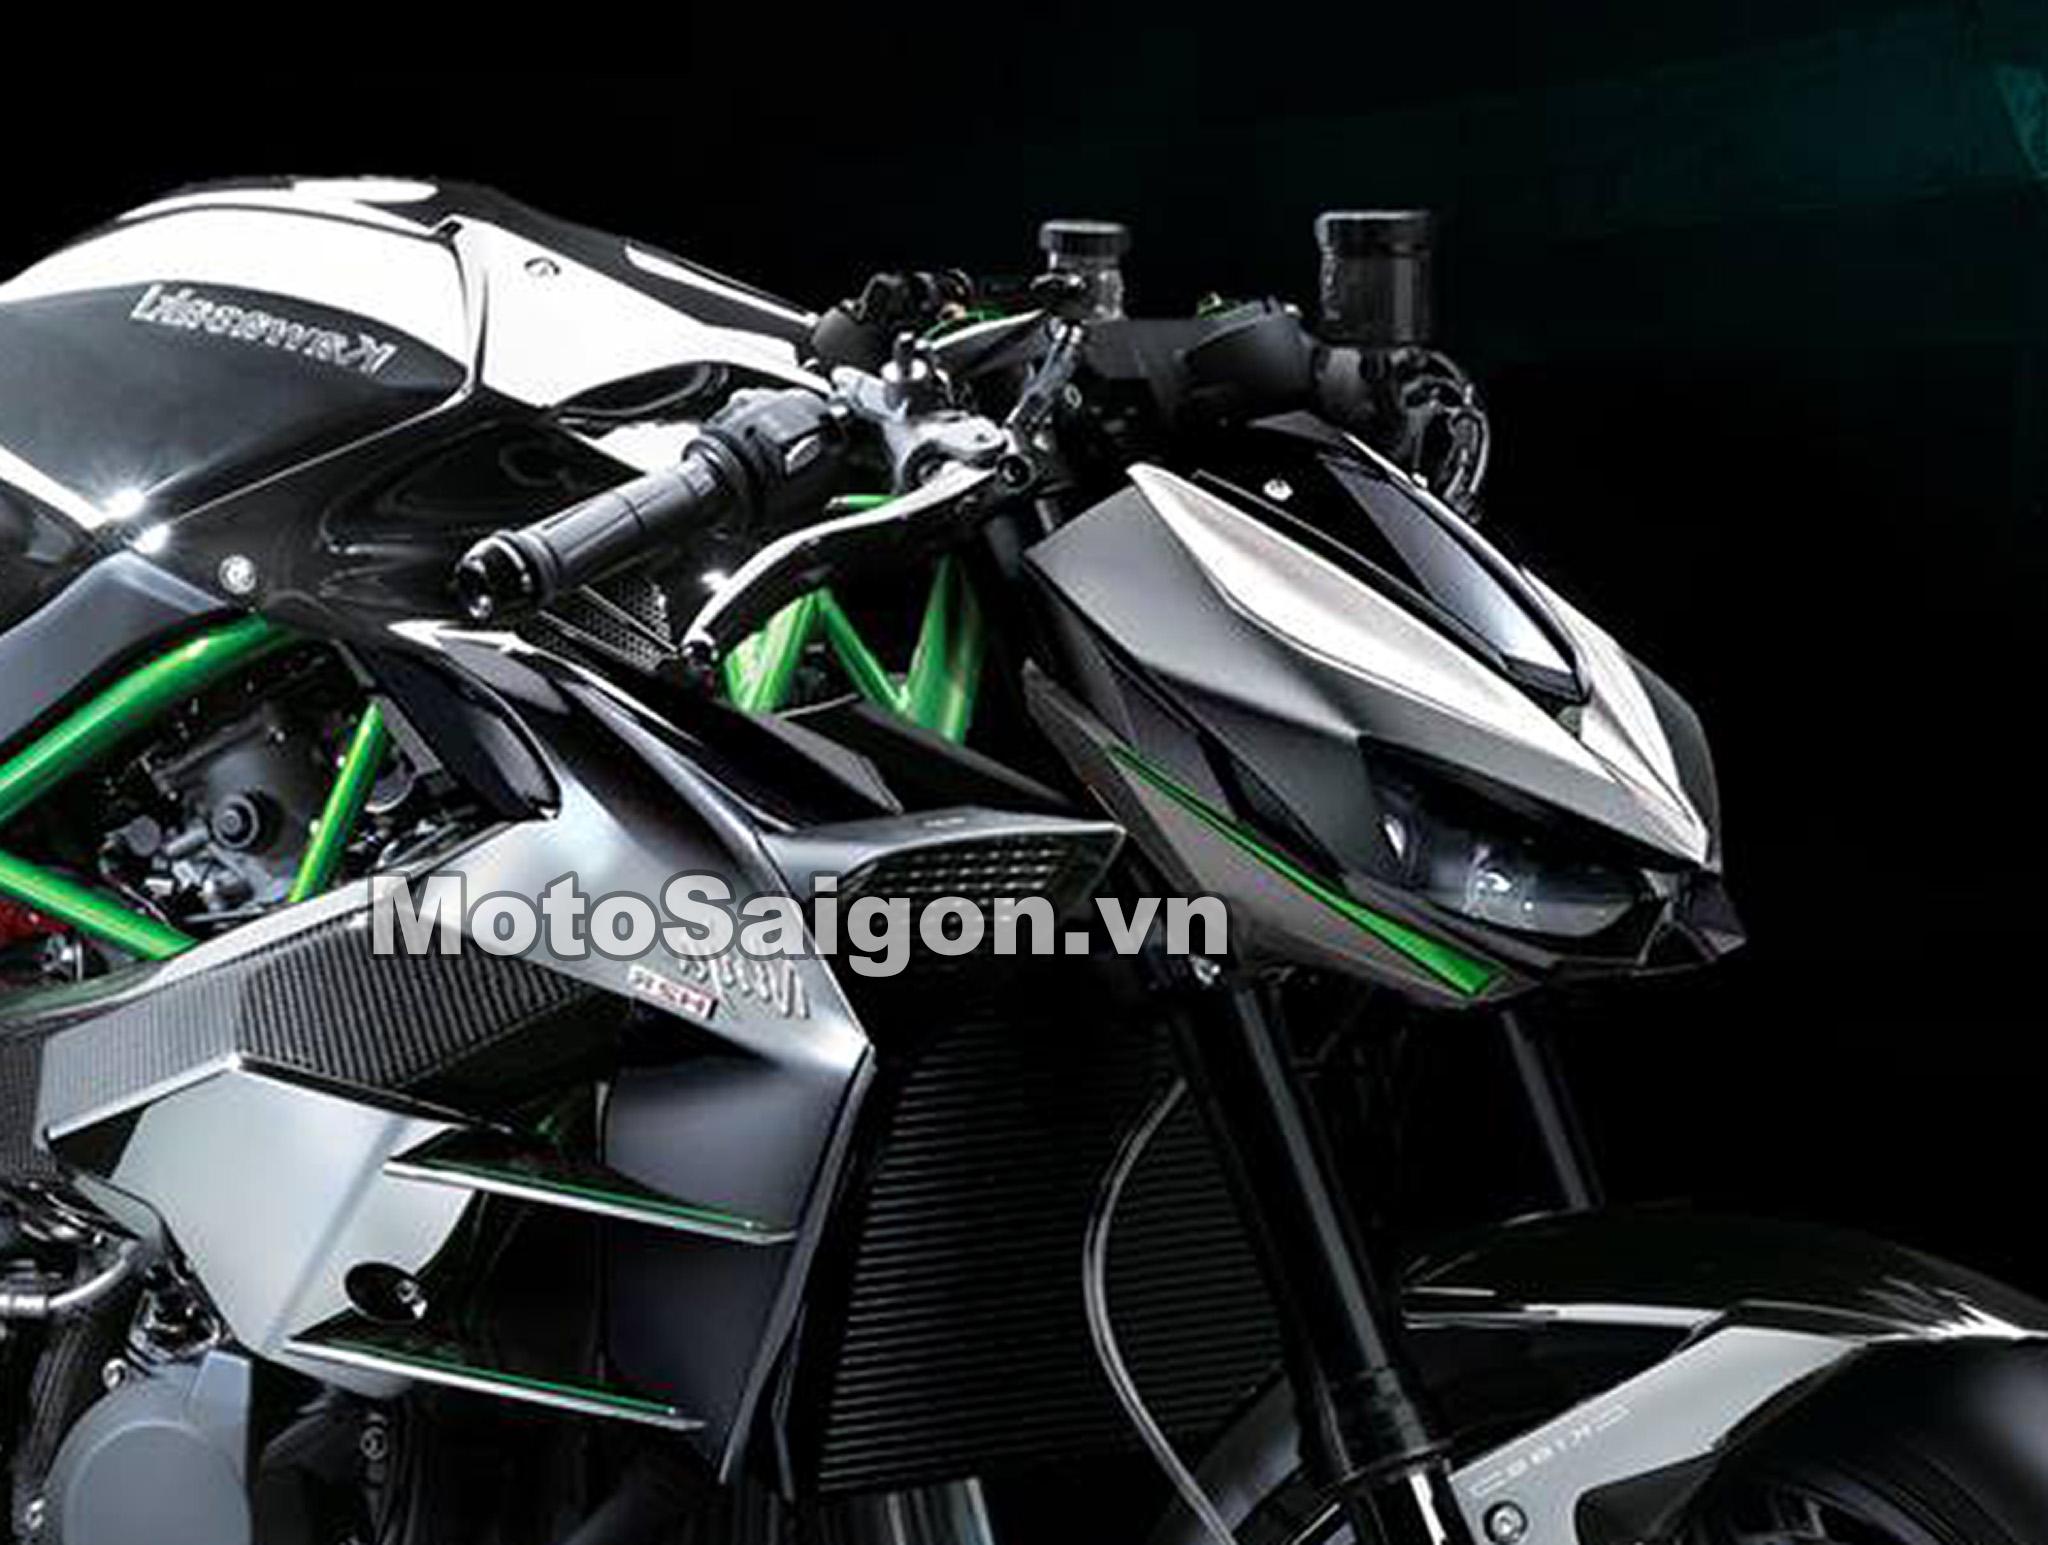 Z1000 2020 có Supercharged siêu nạp như H2 sắp có giá bán?